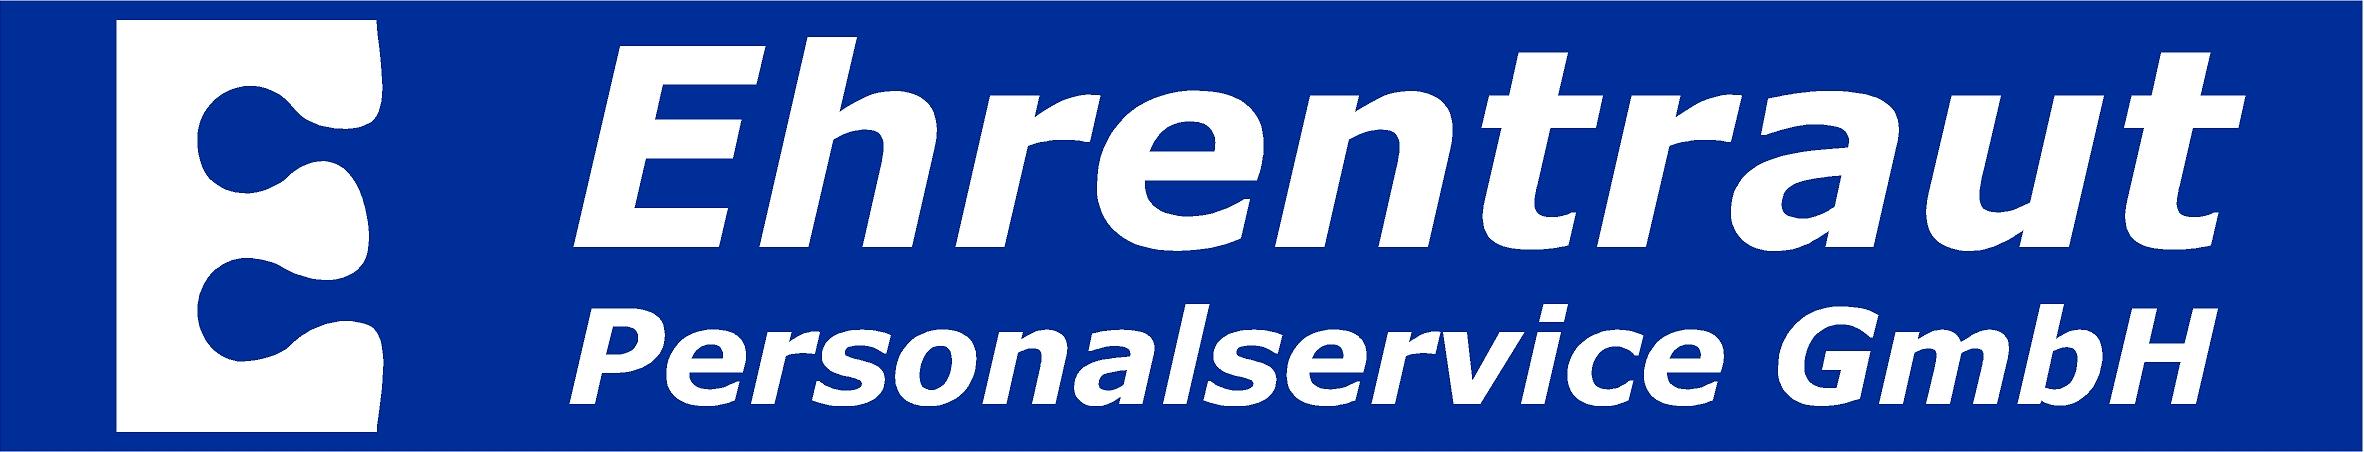 Ehrentraut Personalservice Hamburg